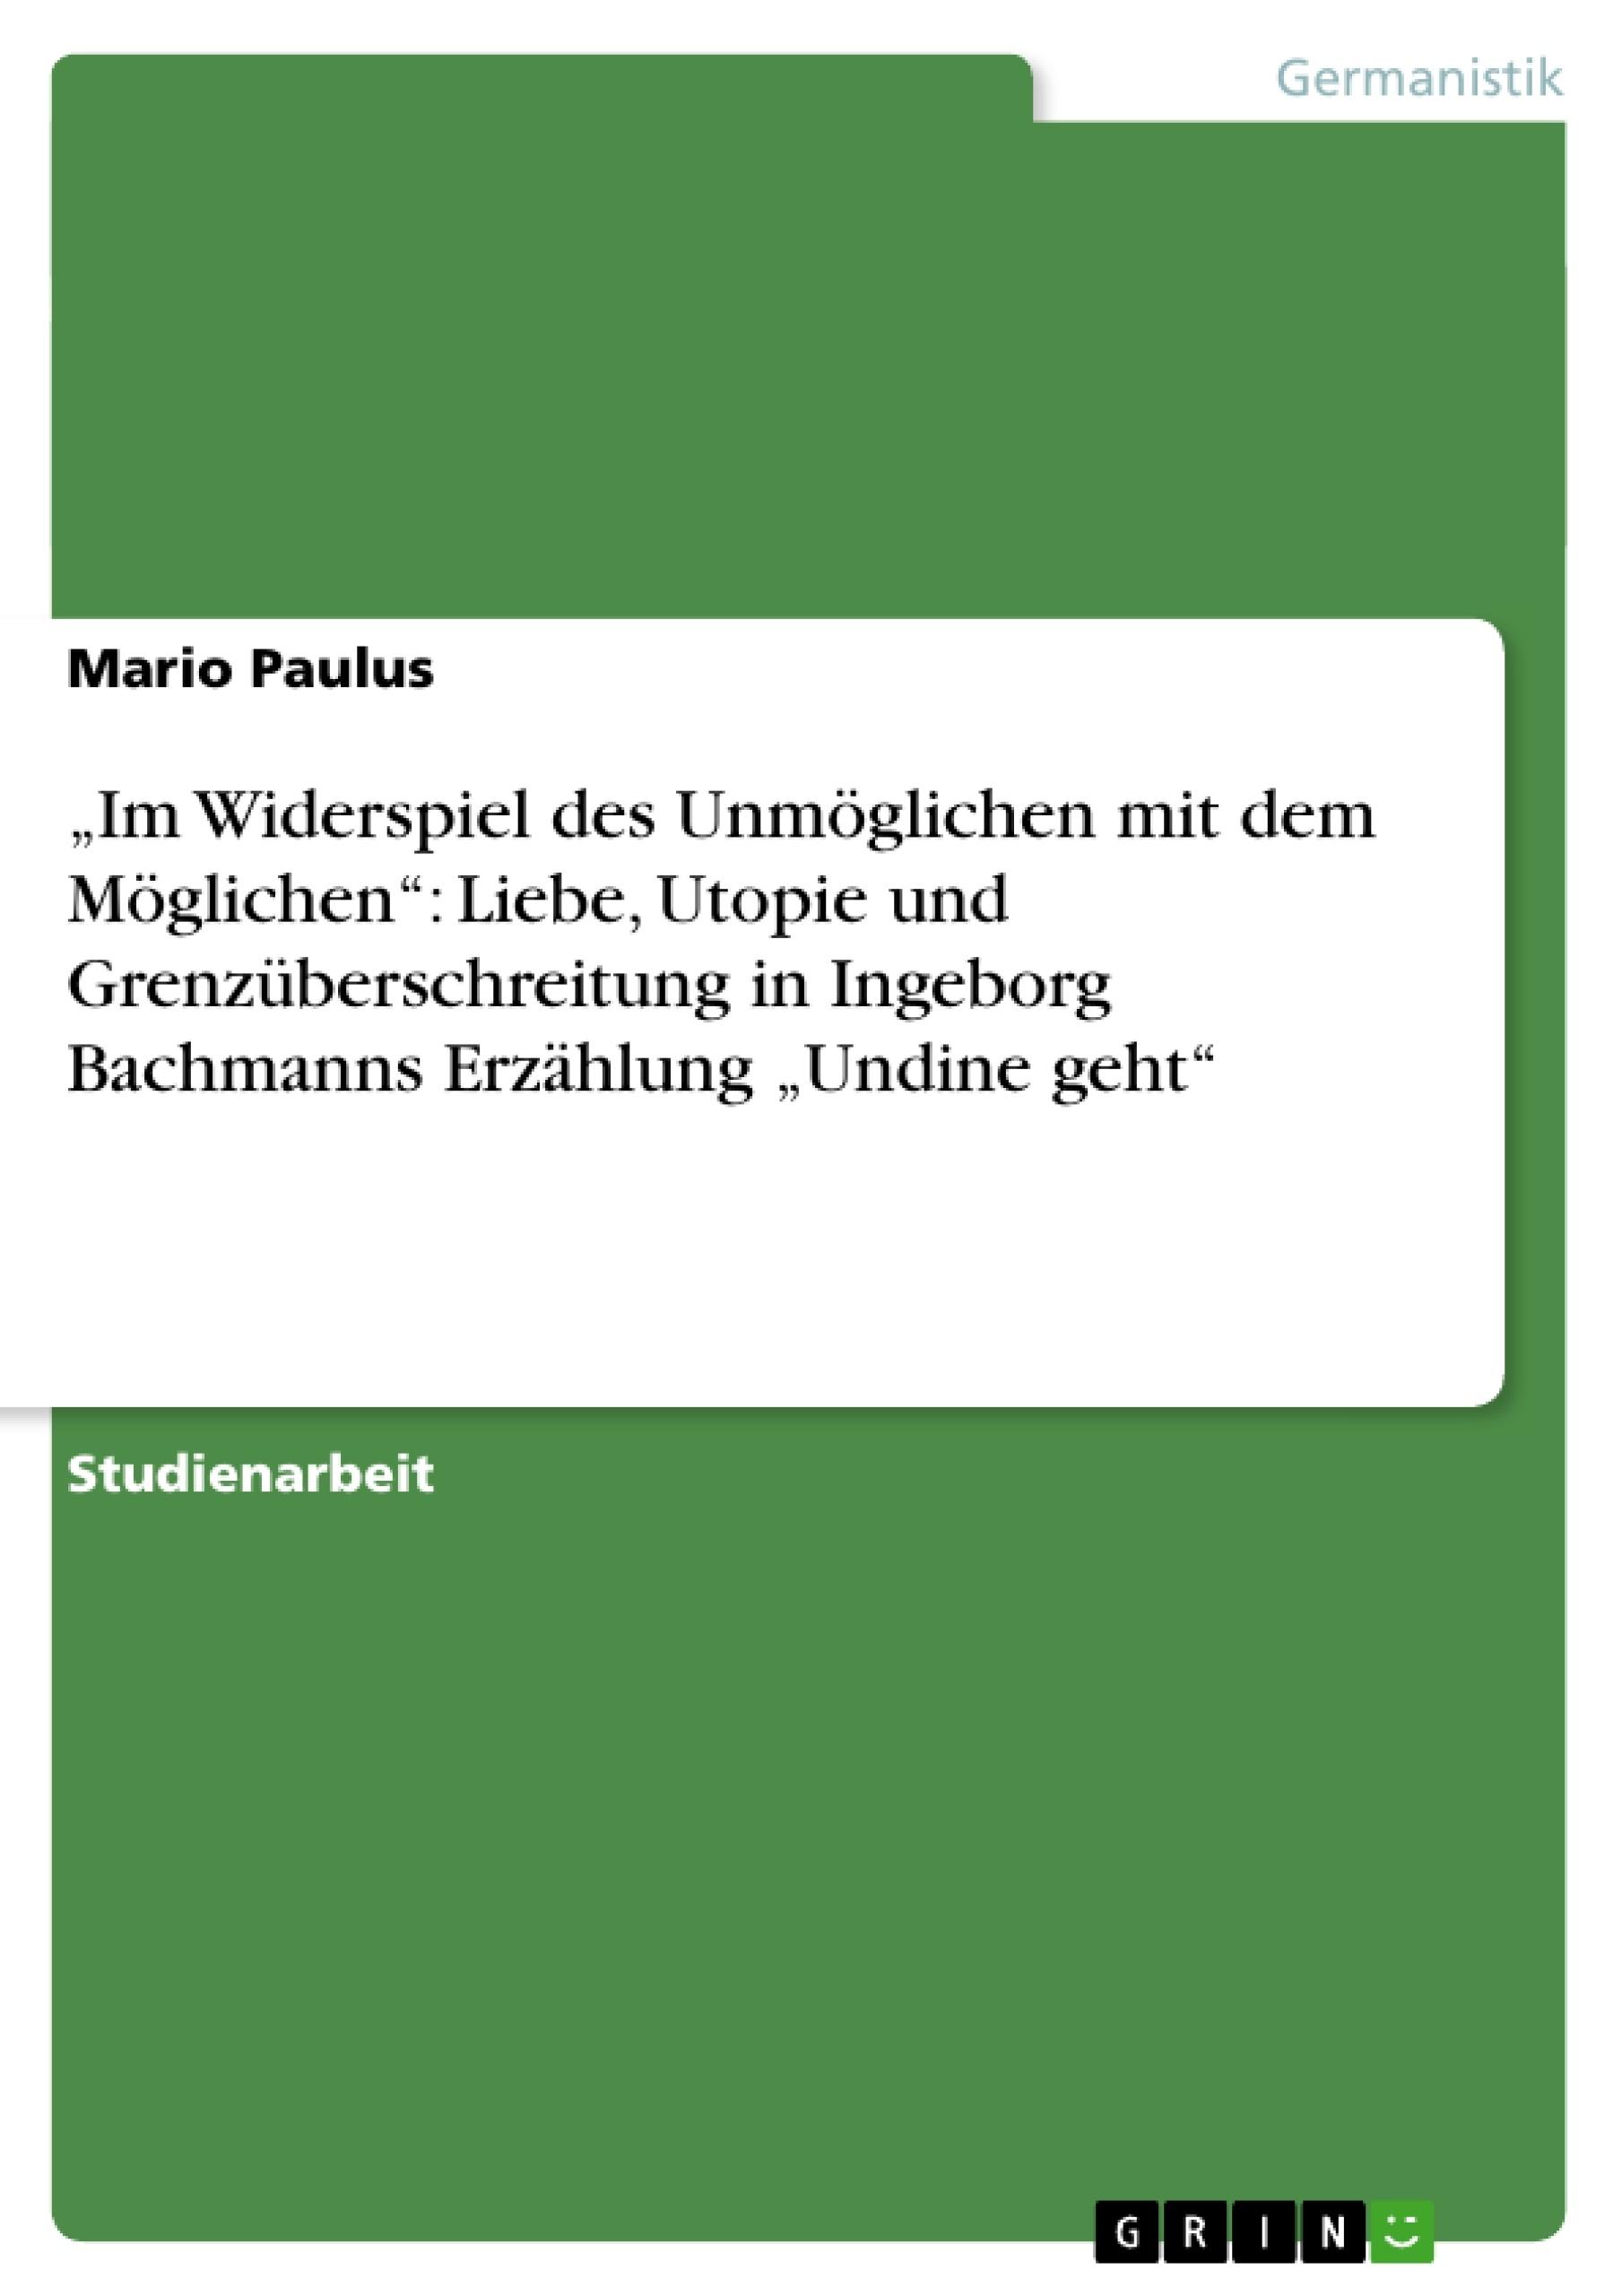 """Titel: """"Im Widerspiel des Unmöglichen mit dem Möglichen"""": Liebe, Utopie und Grenzüberschreitung in Ingeborg Bachmanns Erzählung """"Undine geht"""""""